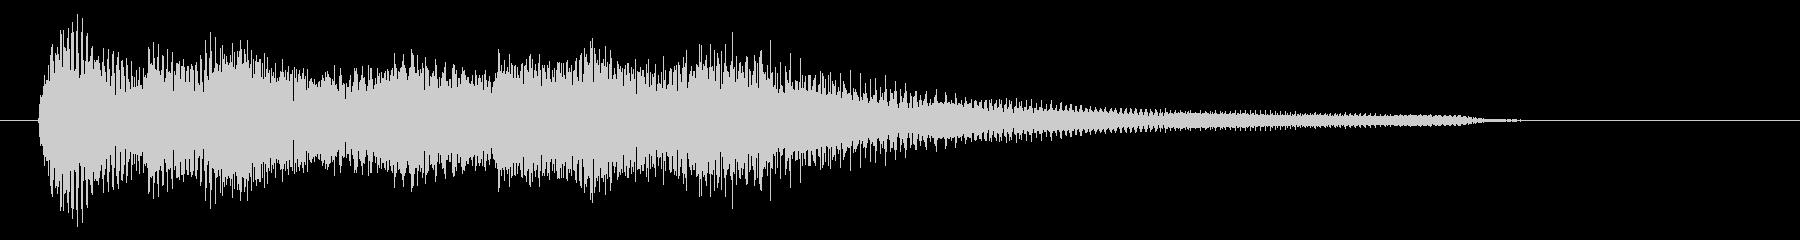 爽やか 爽快感 ピアノ ジングル 6秒の未再生の波形